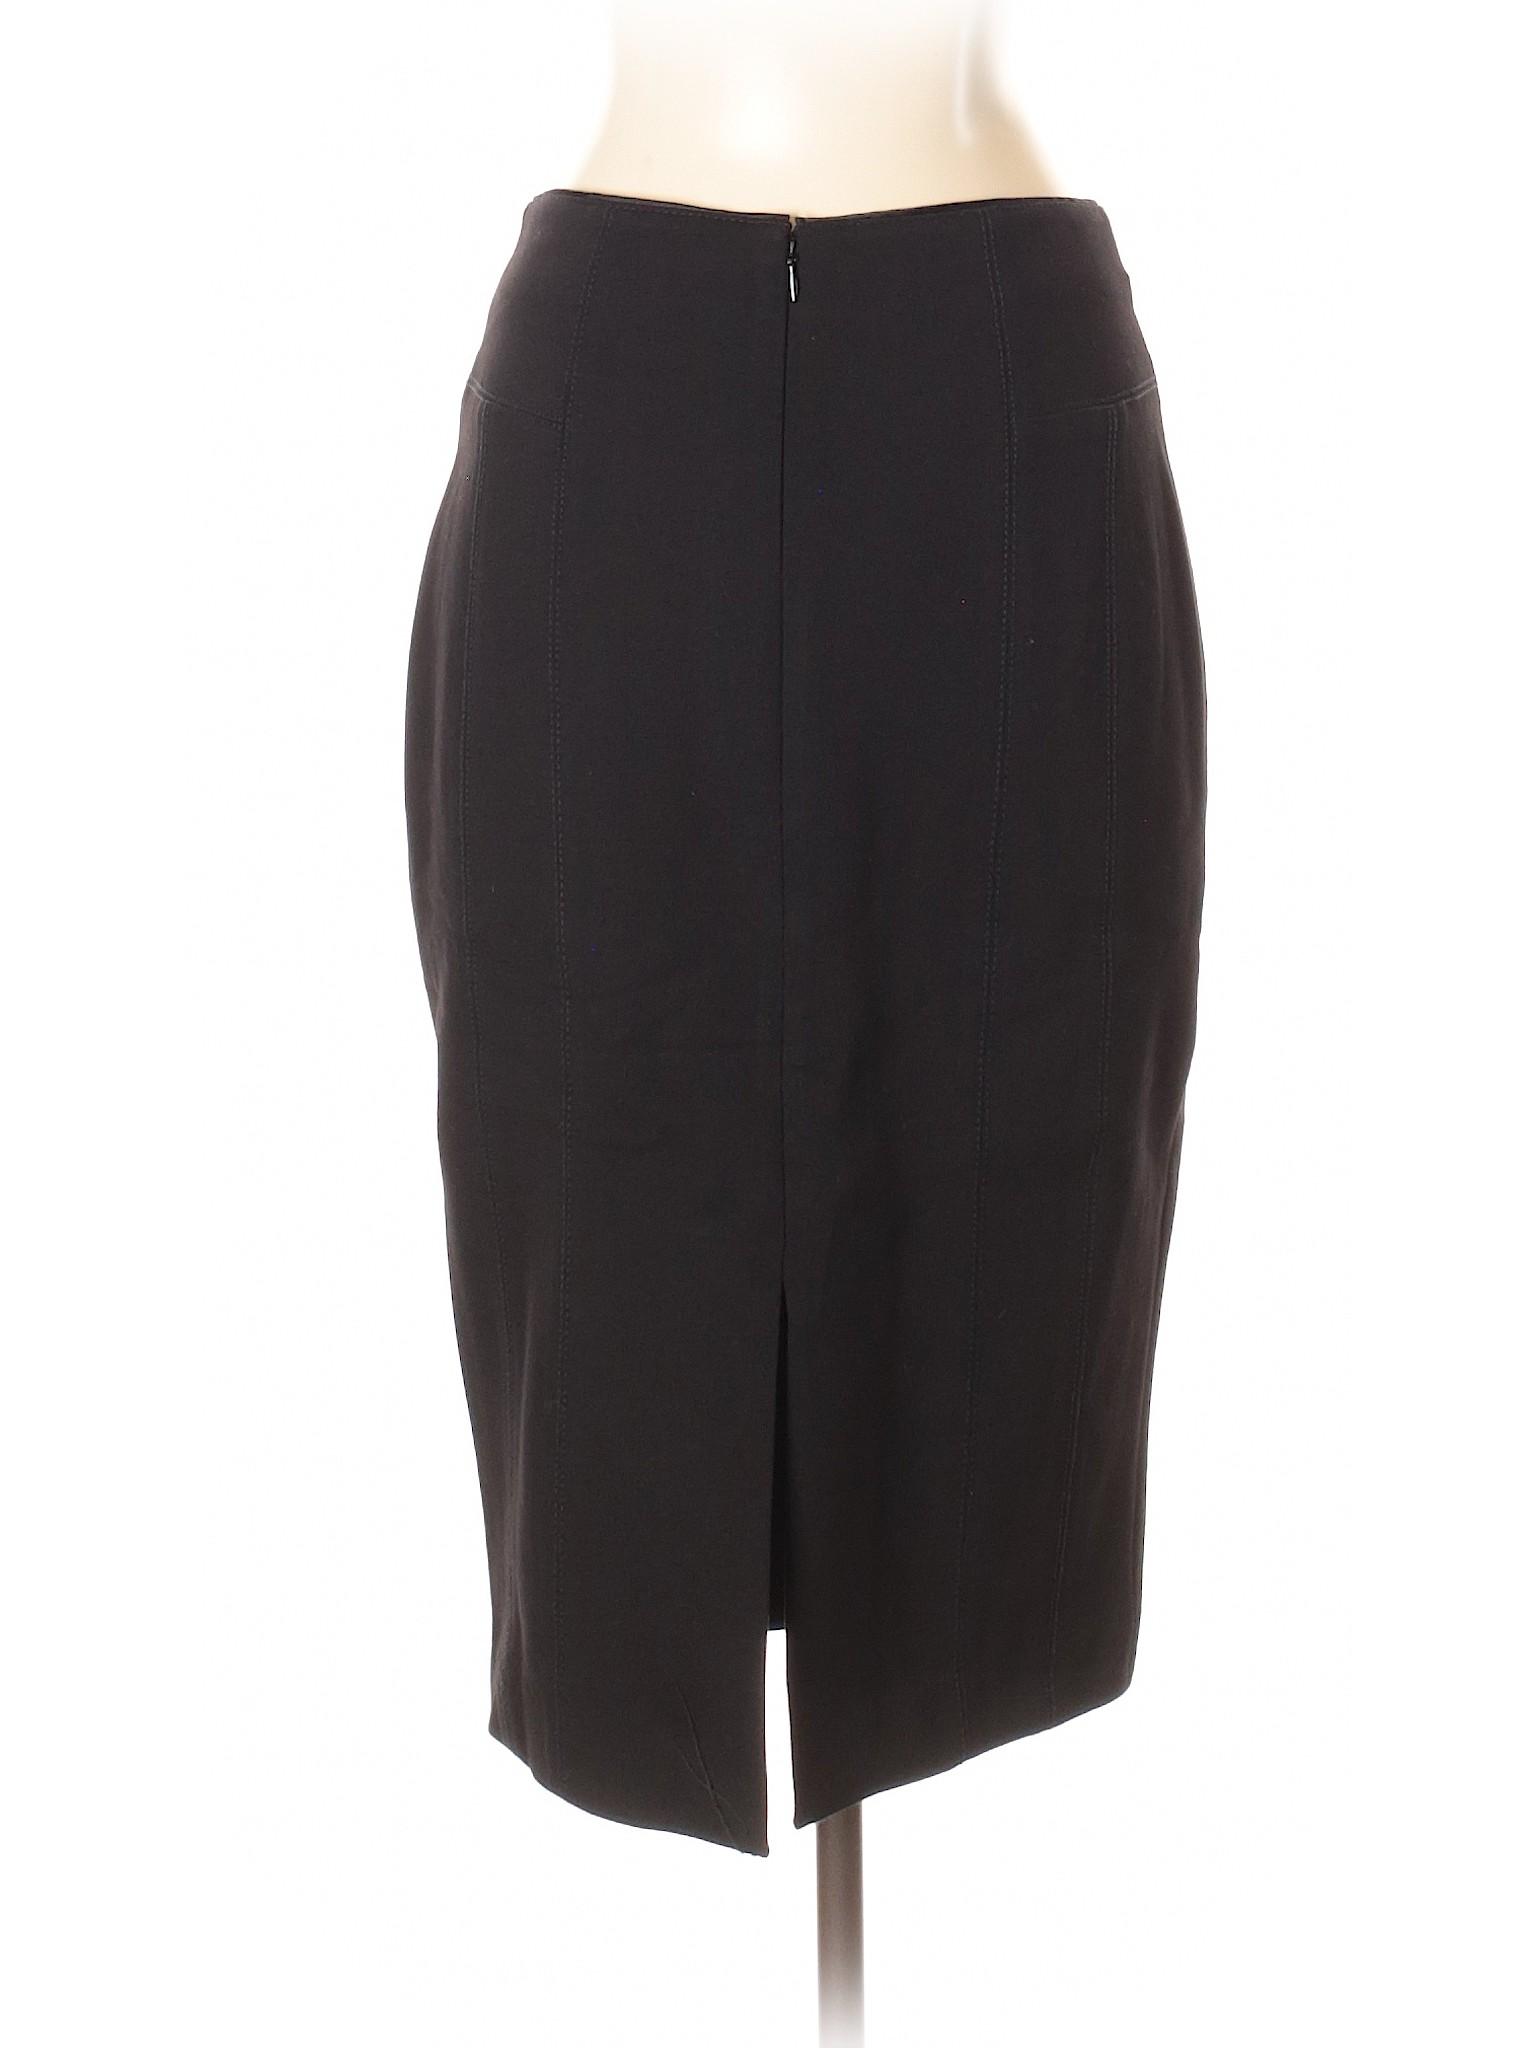 Leisure House White Skirt Casual Black Market winter REBrwqR